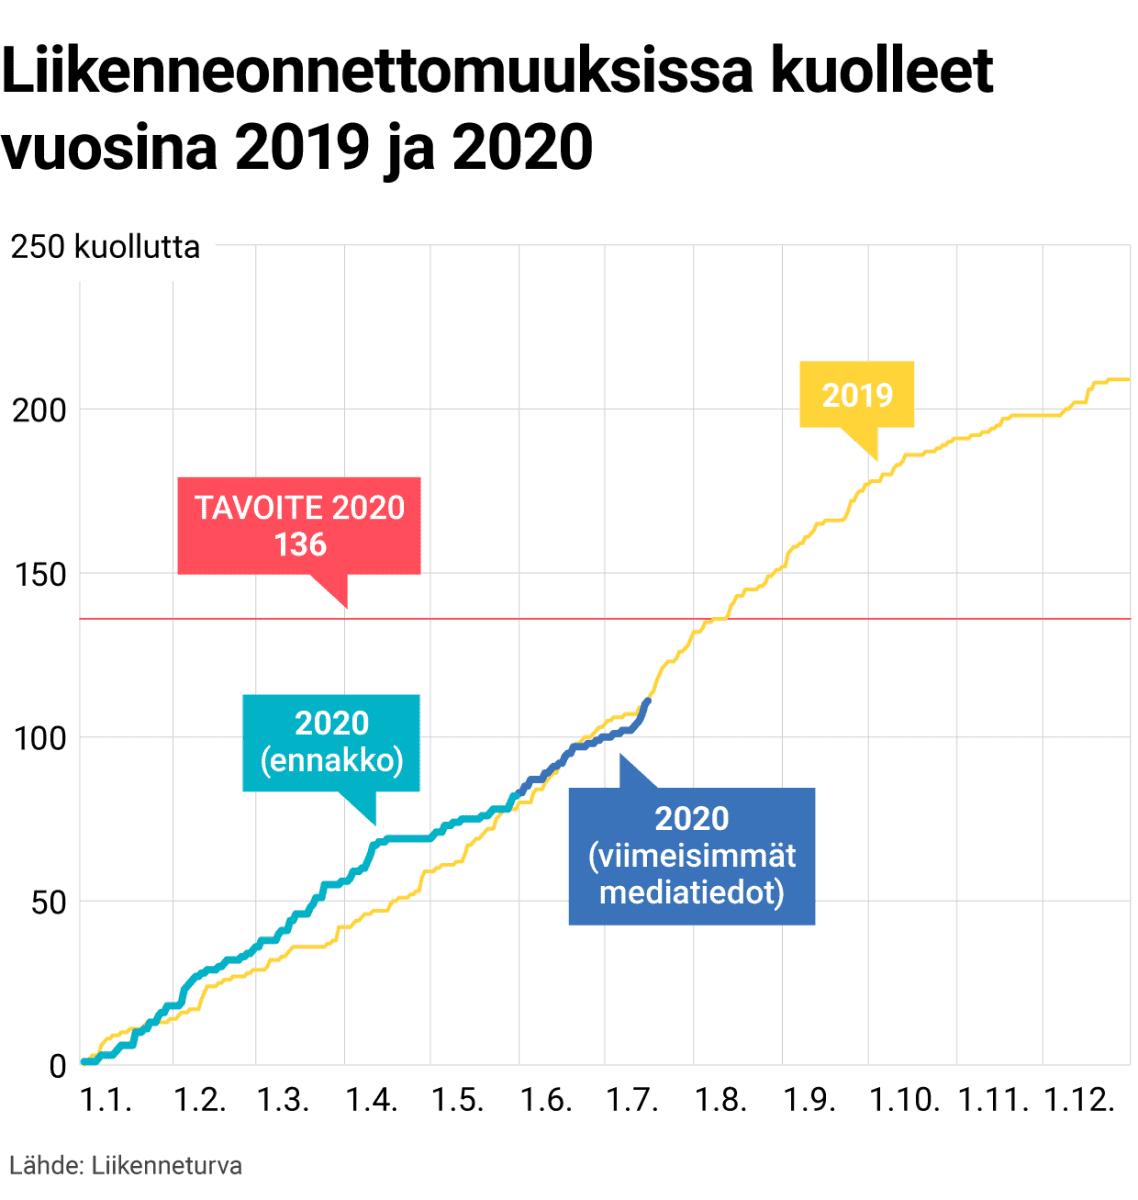 Liikenneonnettomuuksissa kuolleet vuosina 2019 ja 2020